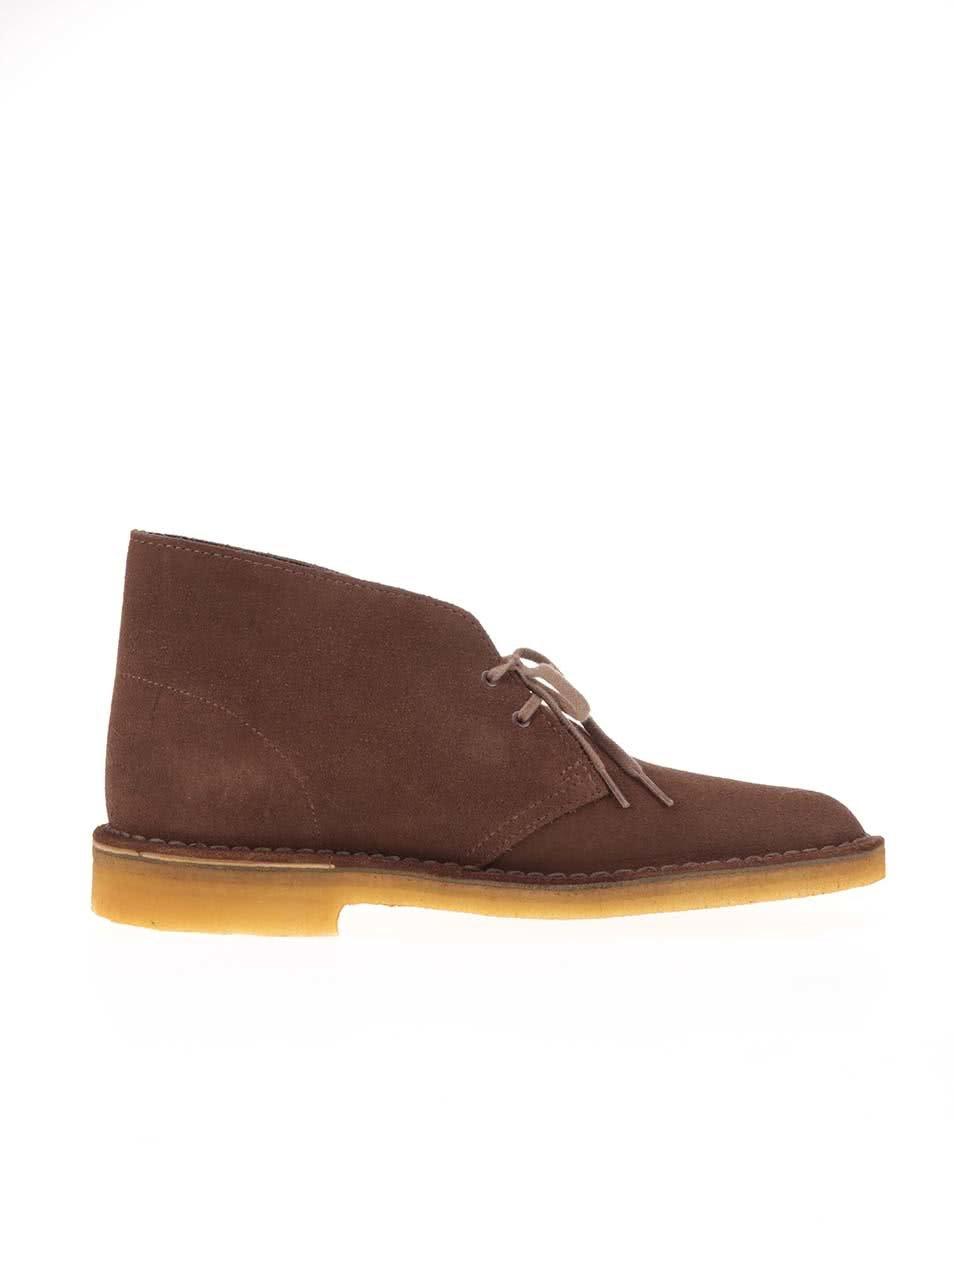 417d01cb925e Hnedé pánske kožené členkové topánky Clarks Desert Boot ...